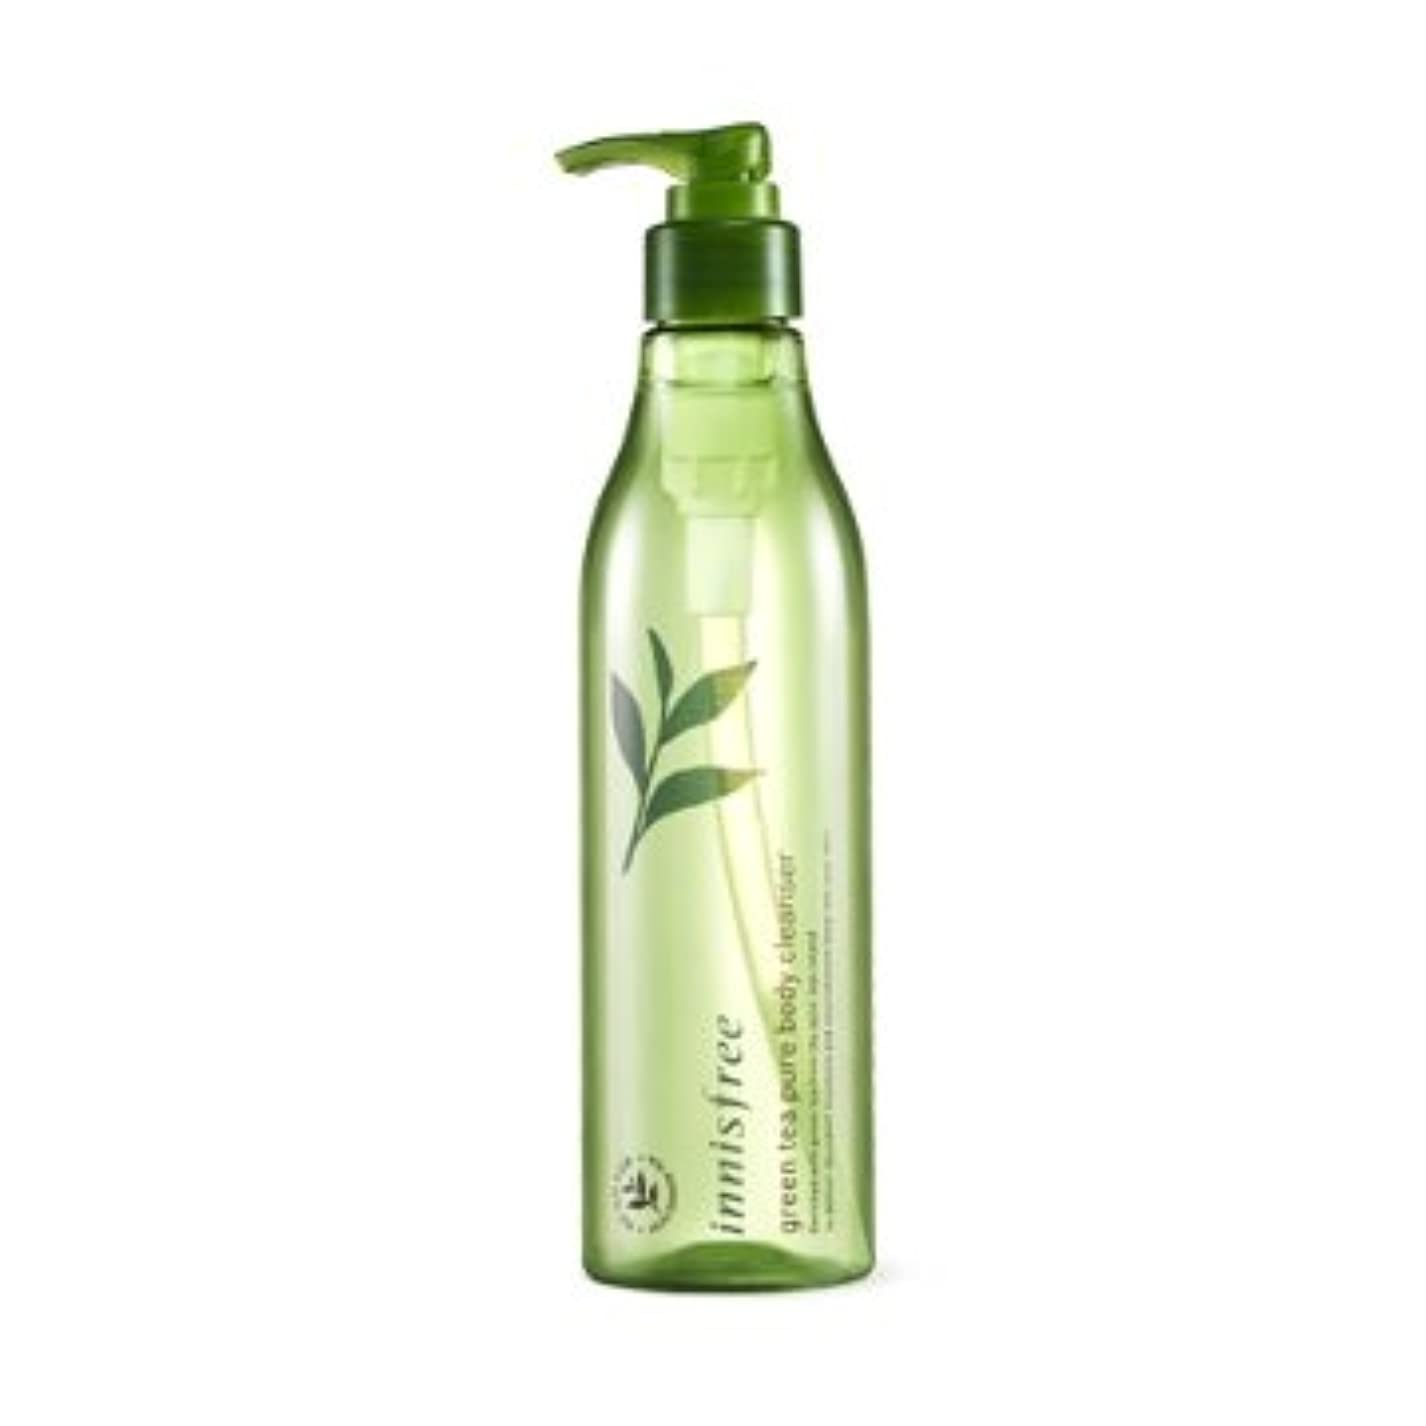 フックびっくりする保証【イニスフリー】Innisfree green tea pure body cleanser - 300ml (韓国直送品) (SHOPPINGINSTAGRAM)